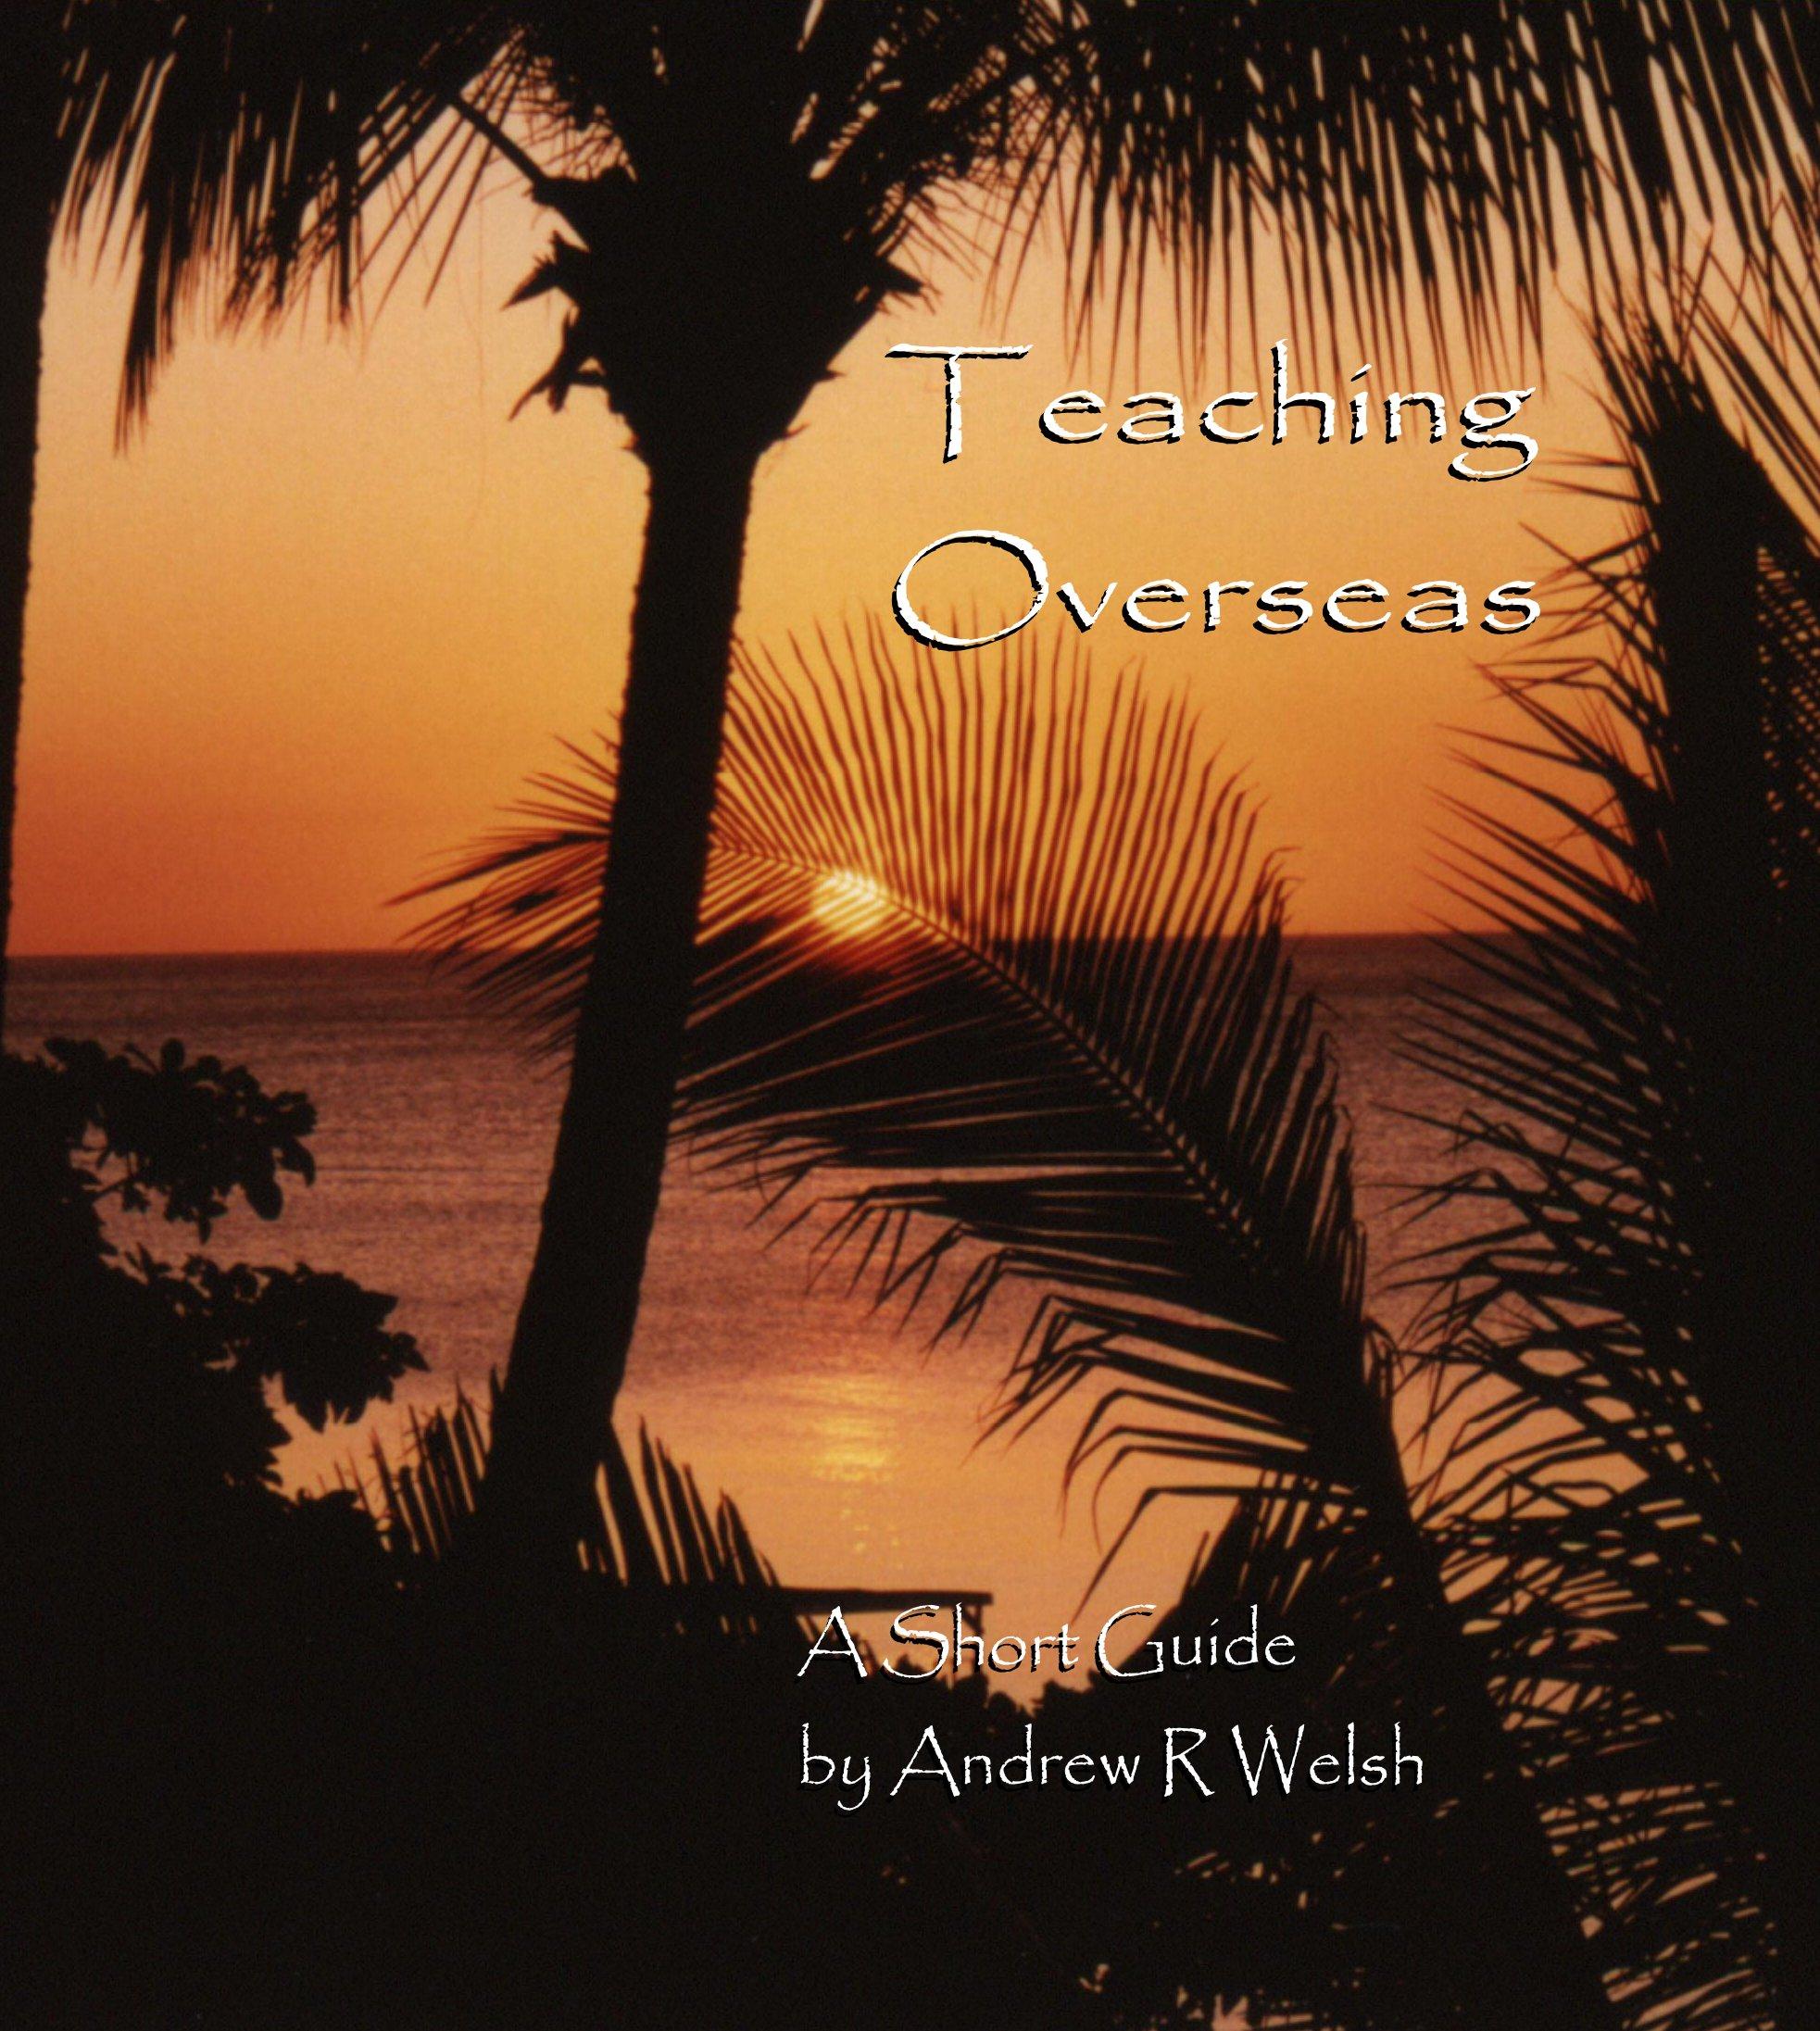 Teaching Overseas - A Short Guide